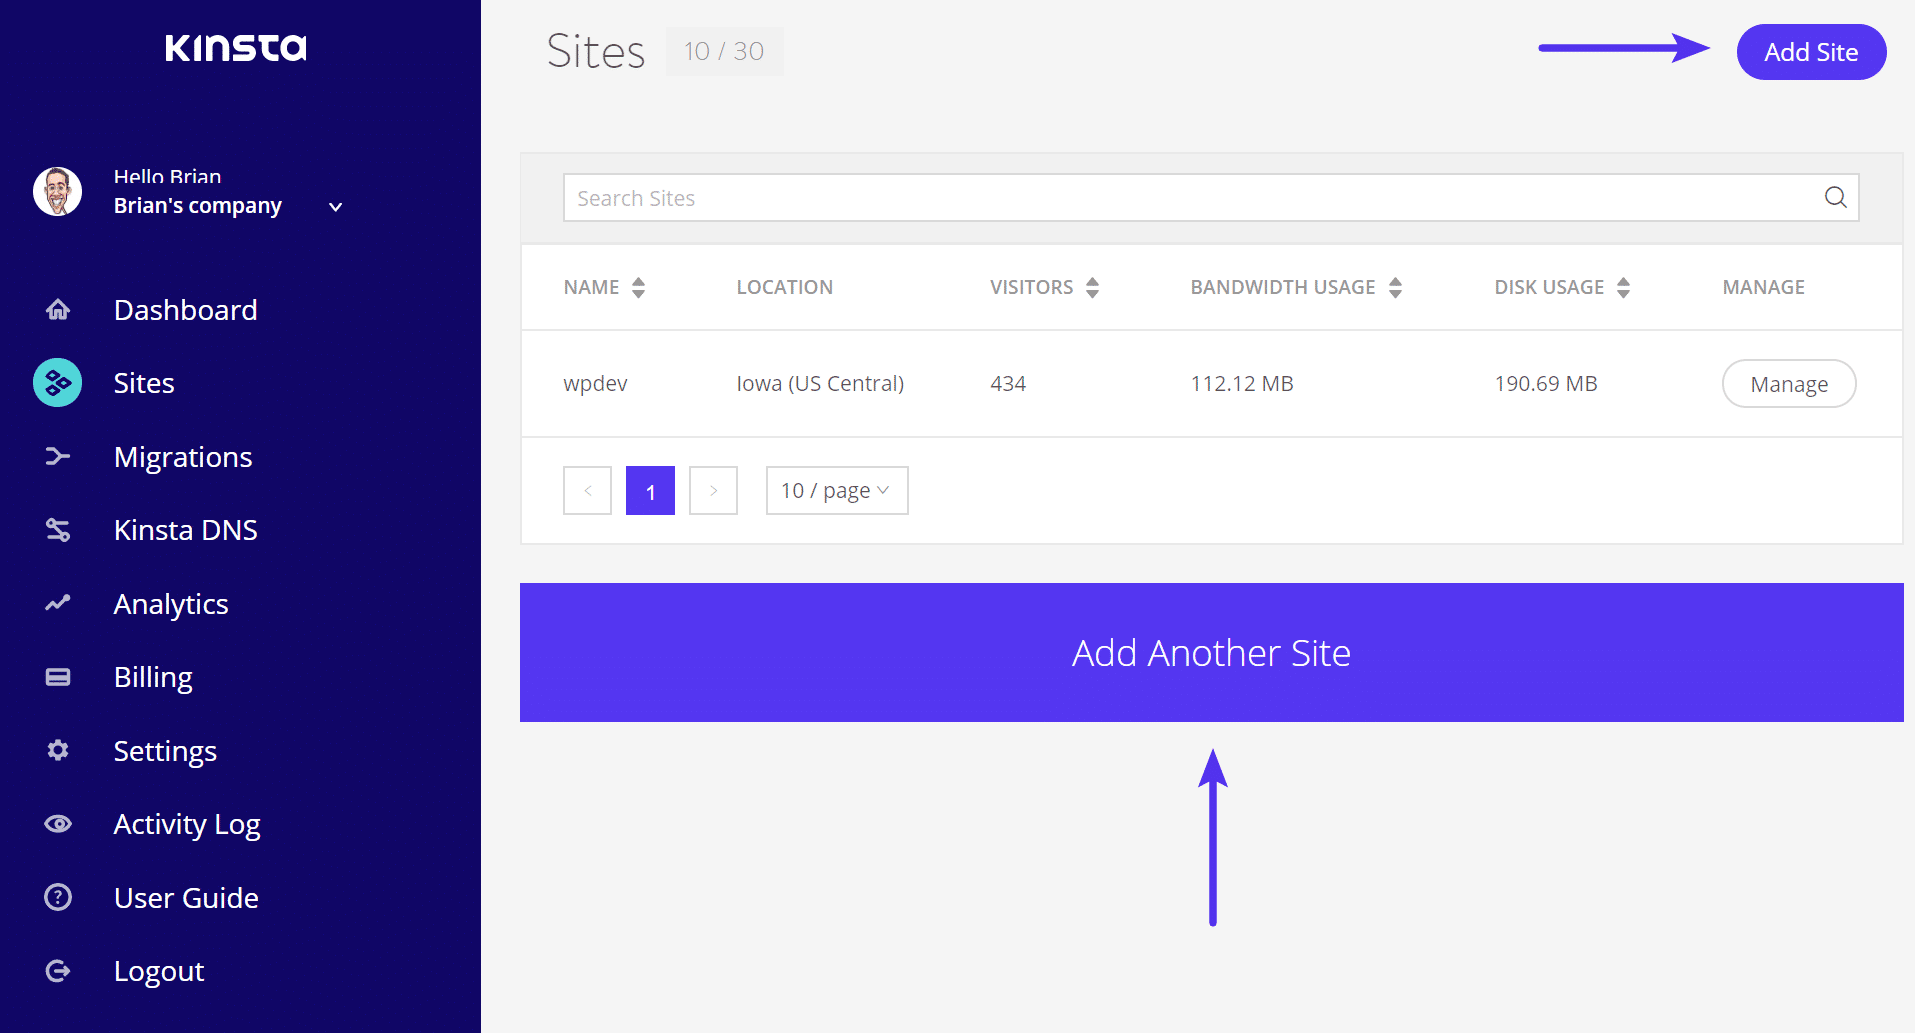 Seite hinzufügen